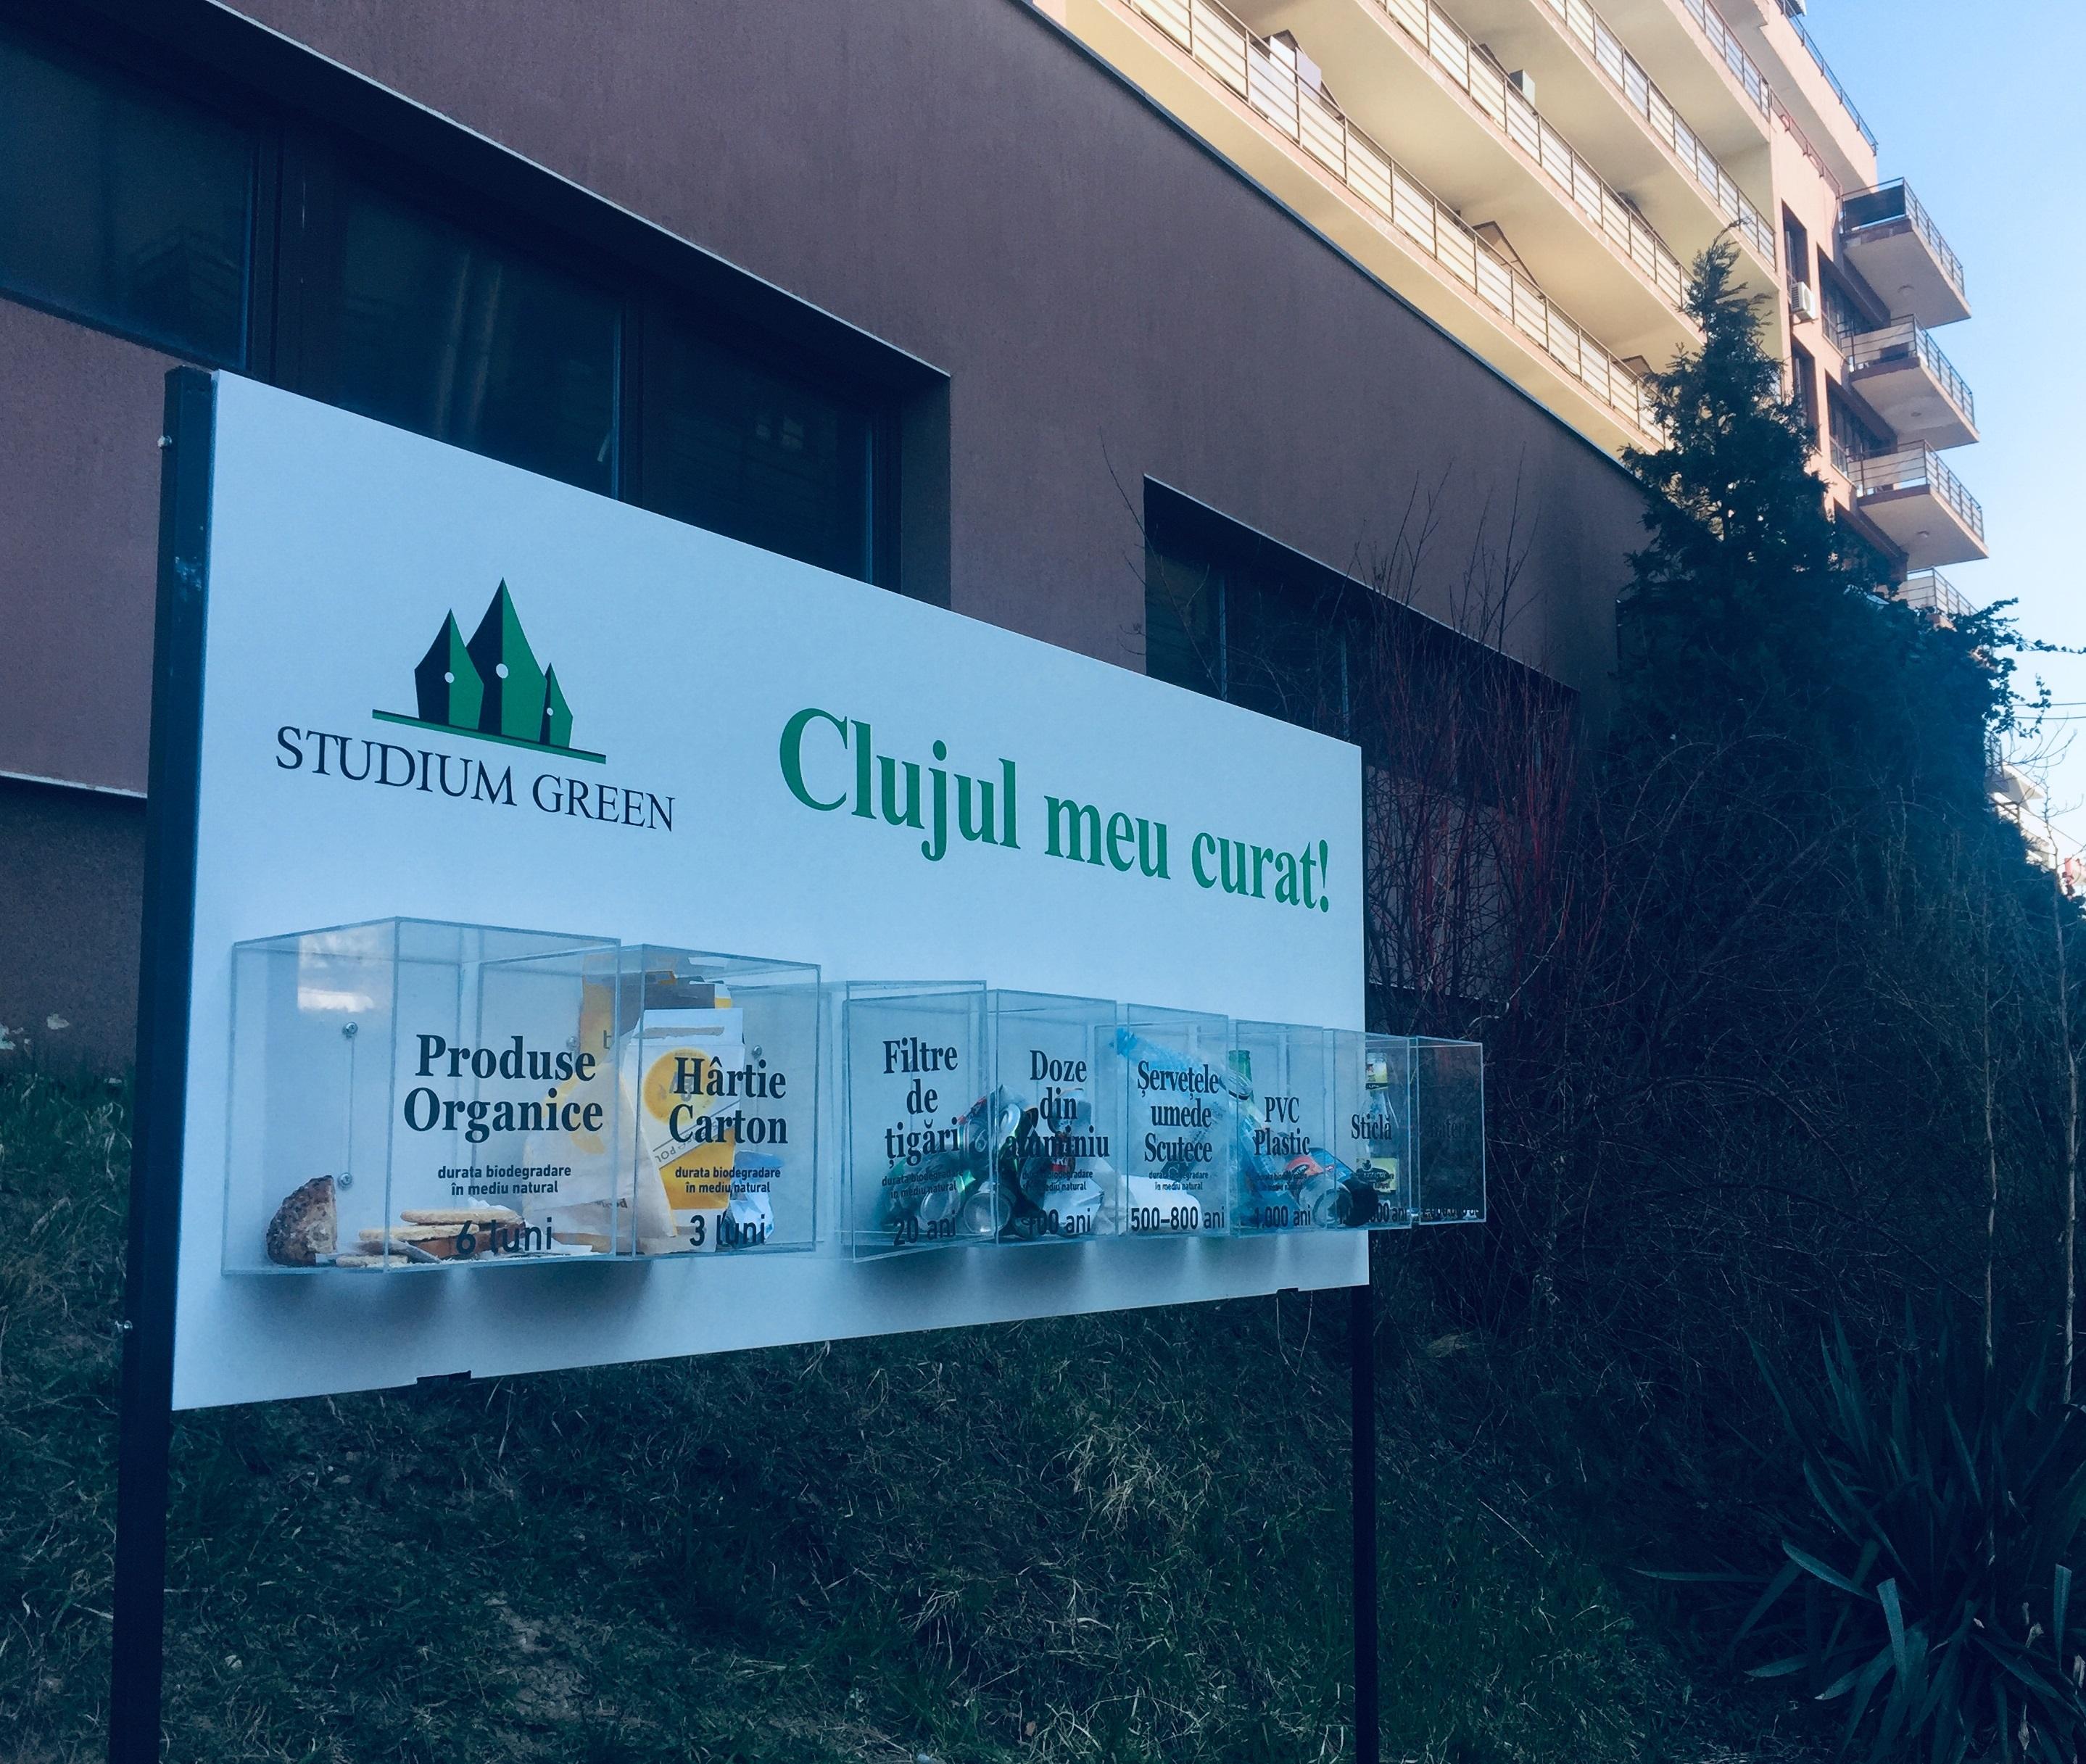 """Cum se poate face """"Clujul meu curat!"""" Studium Green pune la bătaie resurse pentru a oferi soluții"""